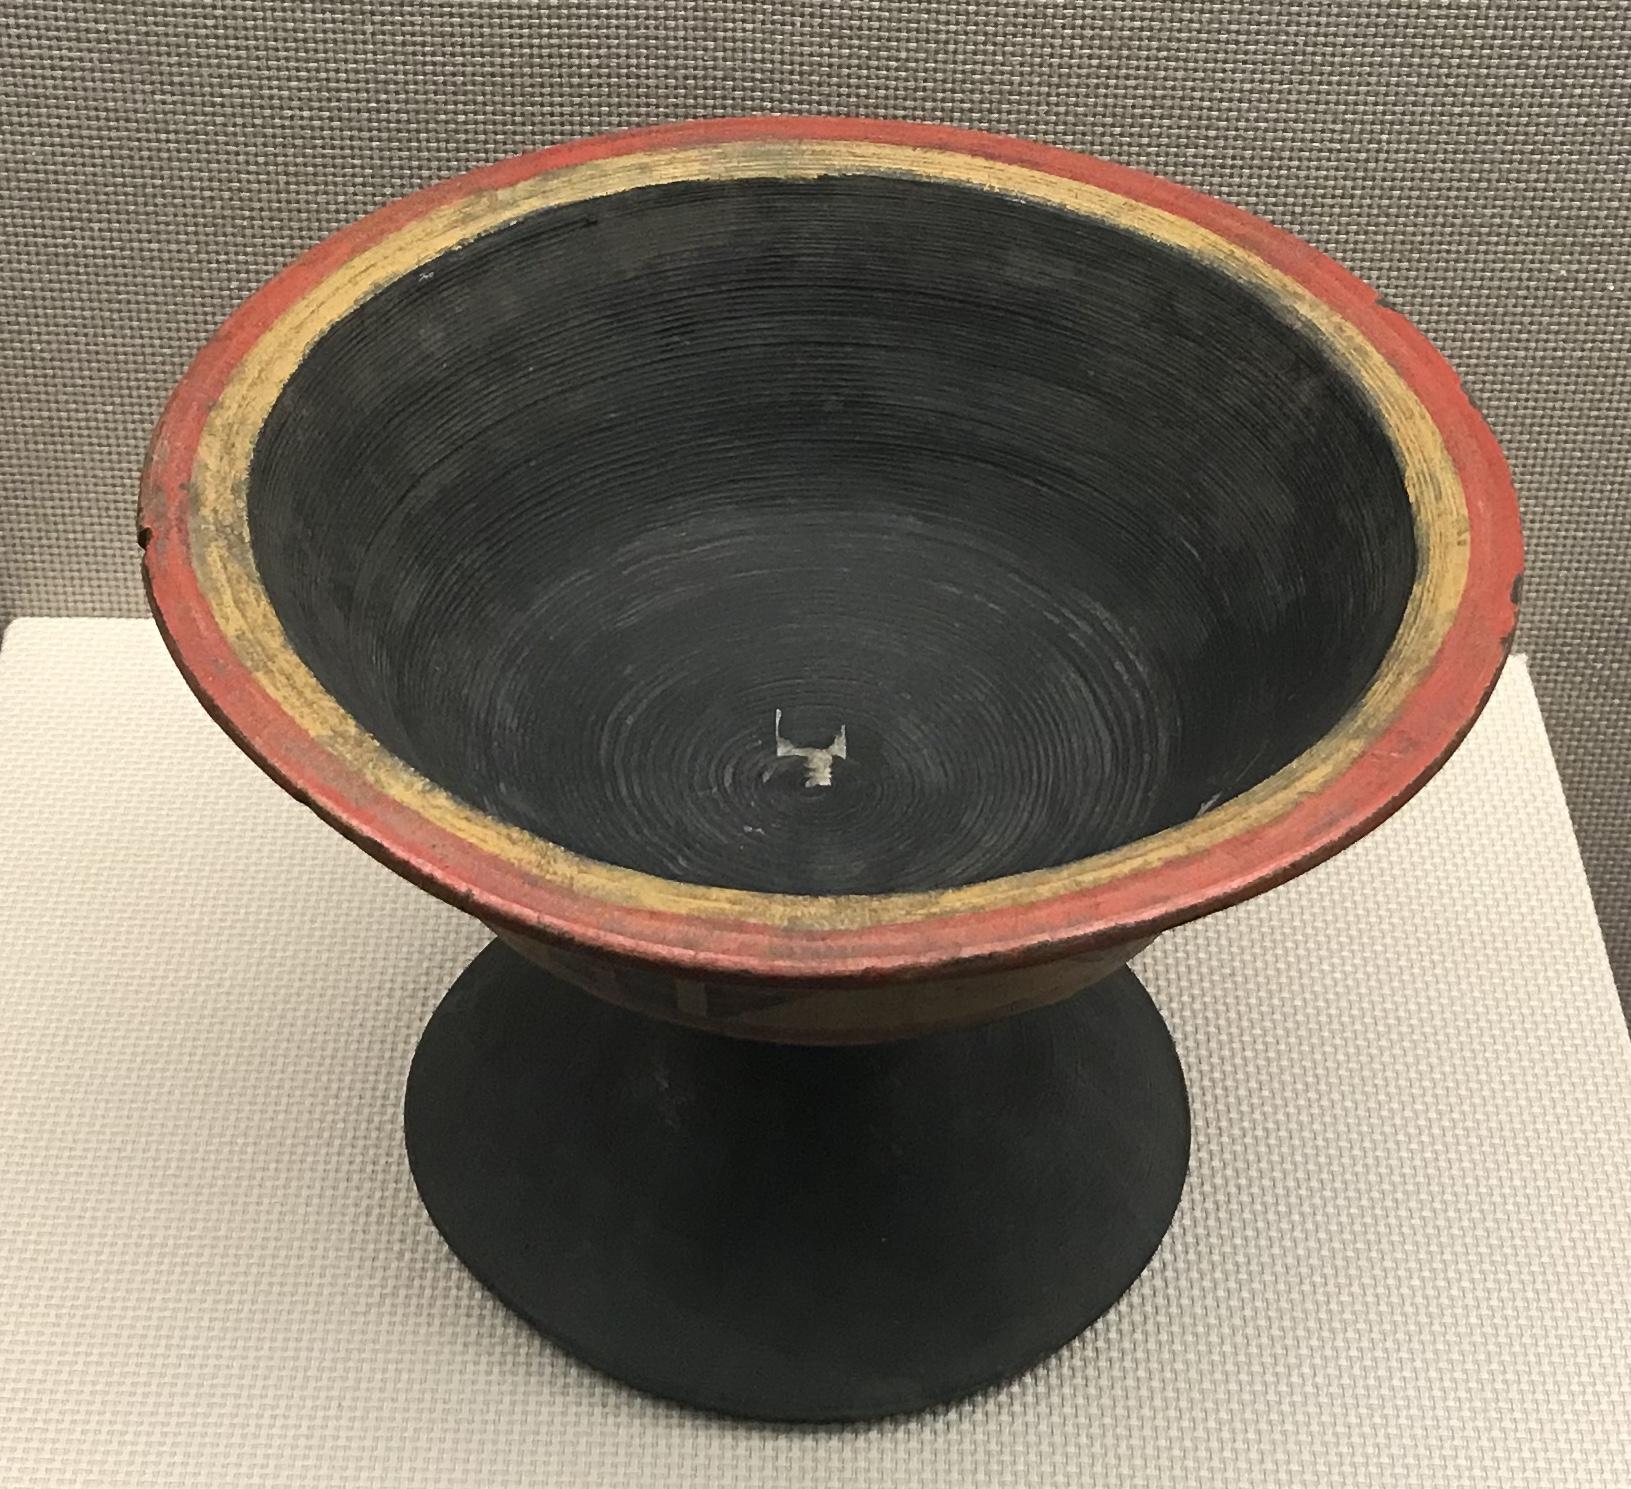 彩絵高足漆木盤-彜族漆器-四川民族文物館-四川博物館-成都